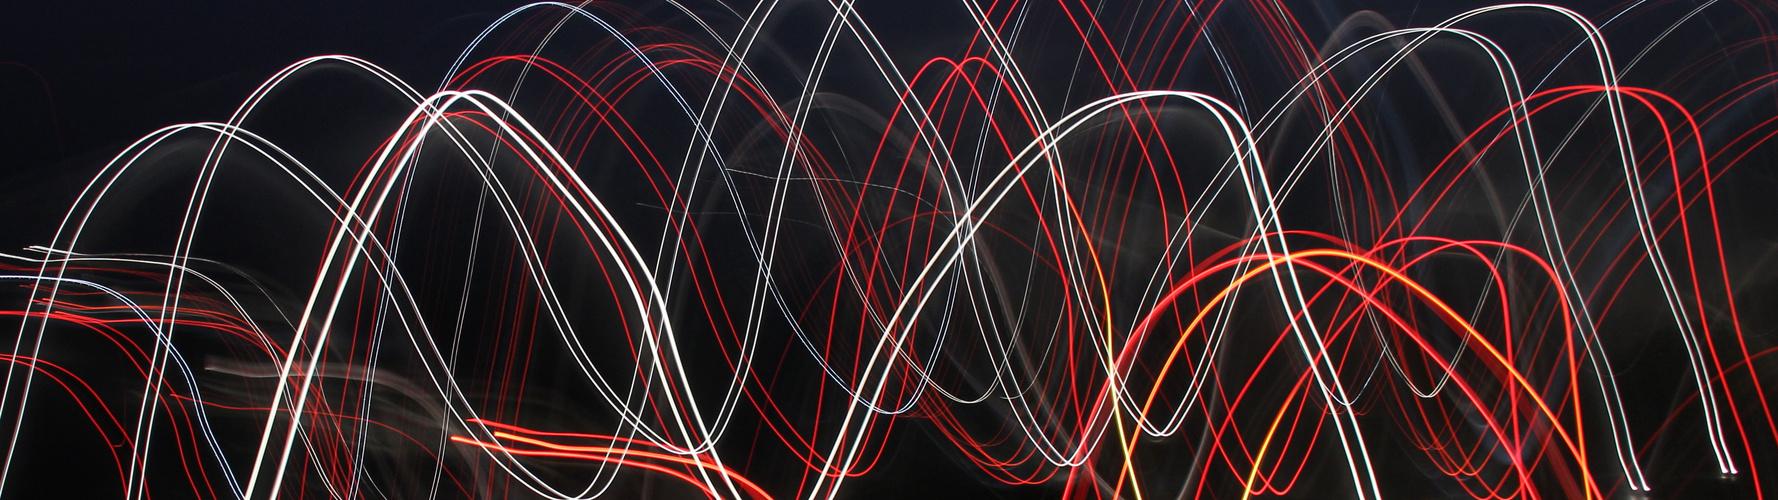 Linien